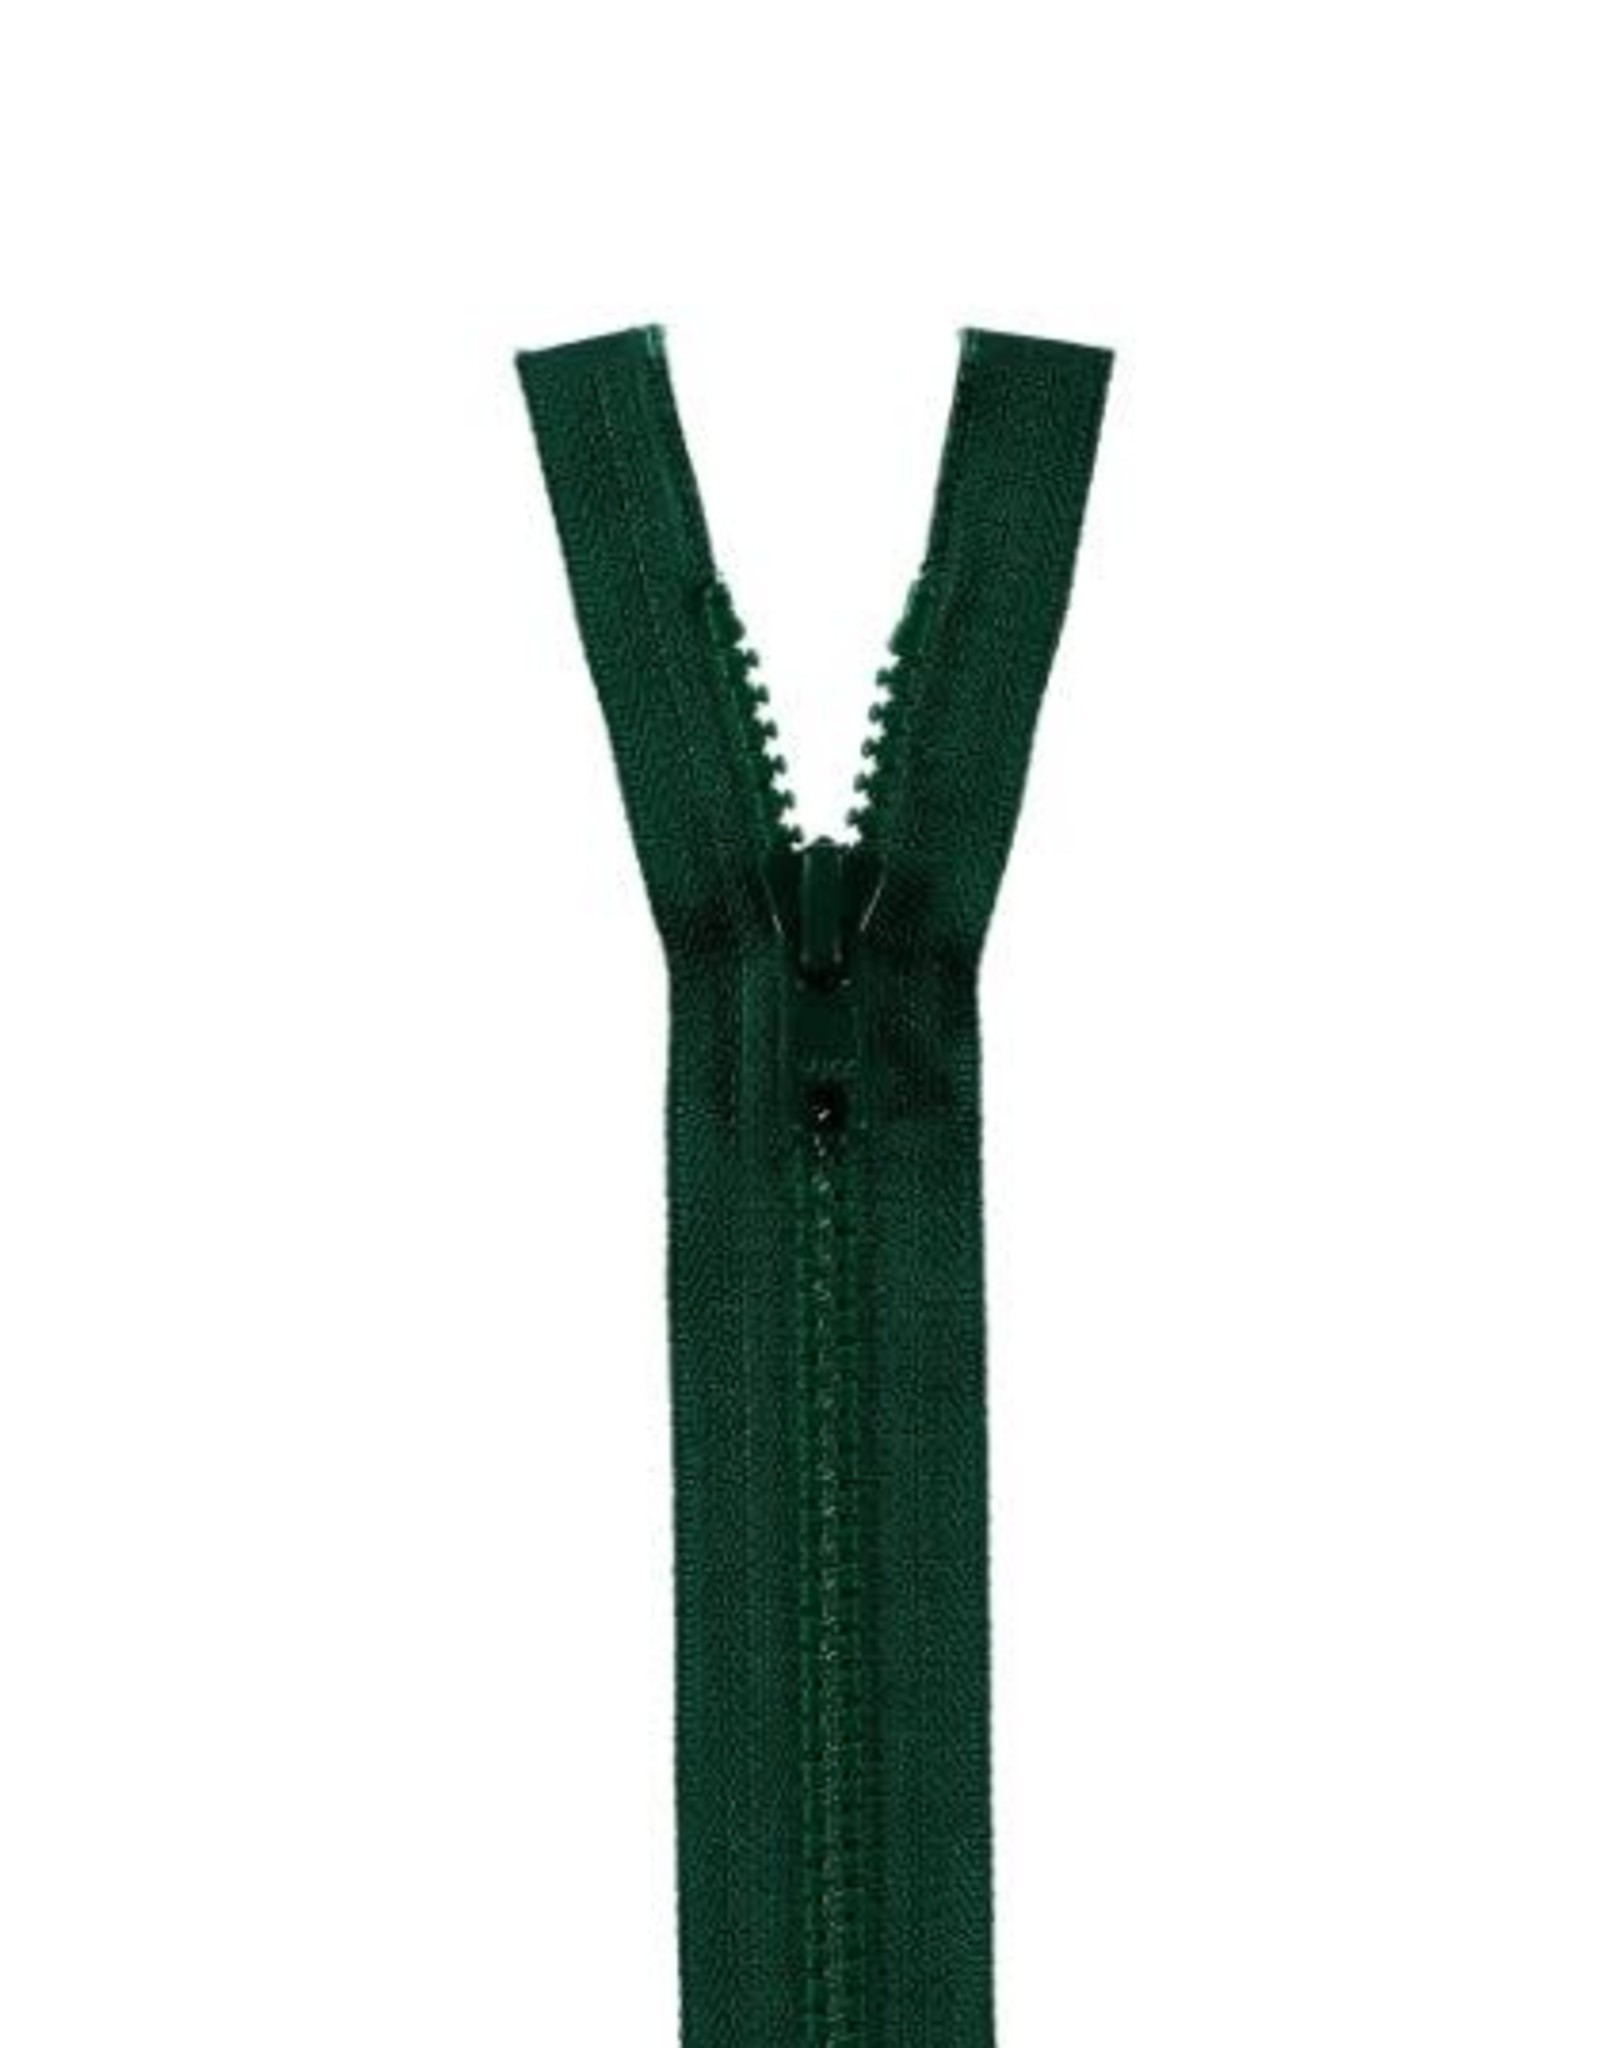 YKK BLOKRITS 5 DEELBAAR d. groen 890-75cm